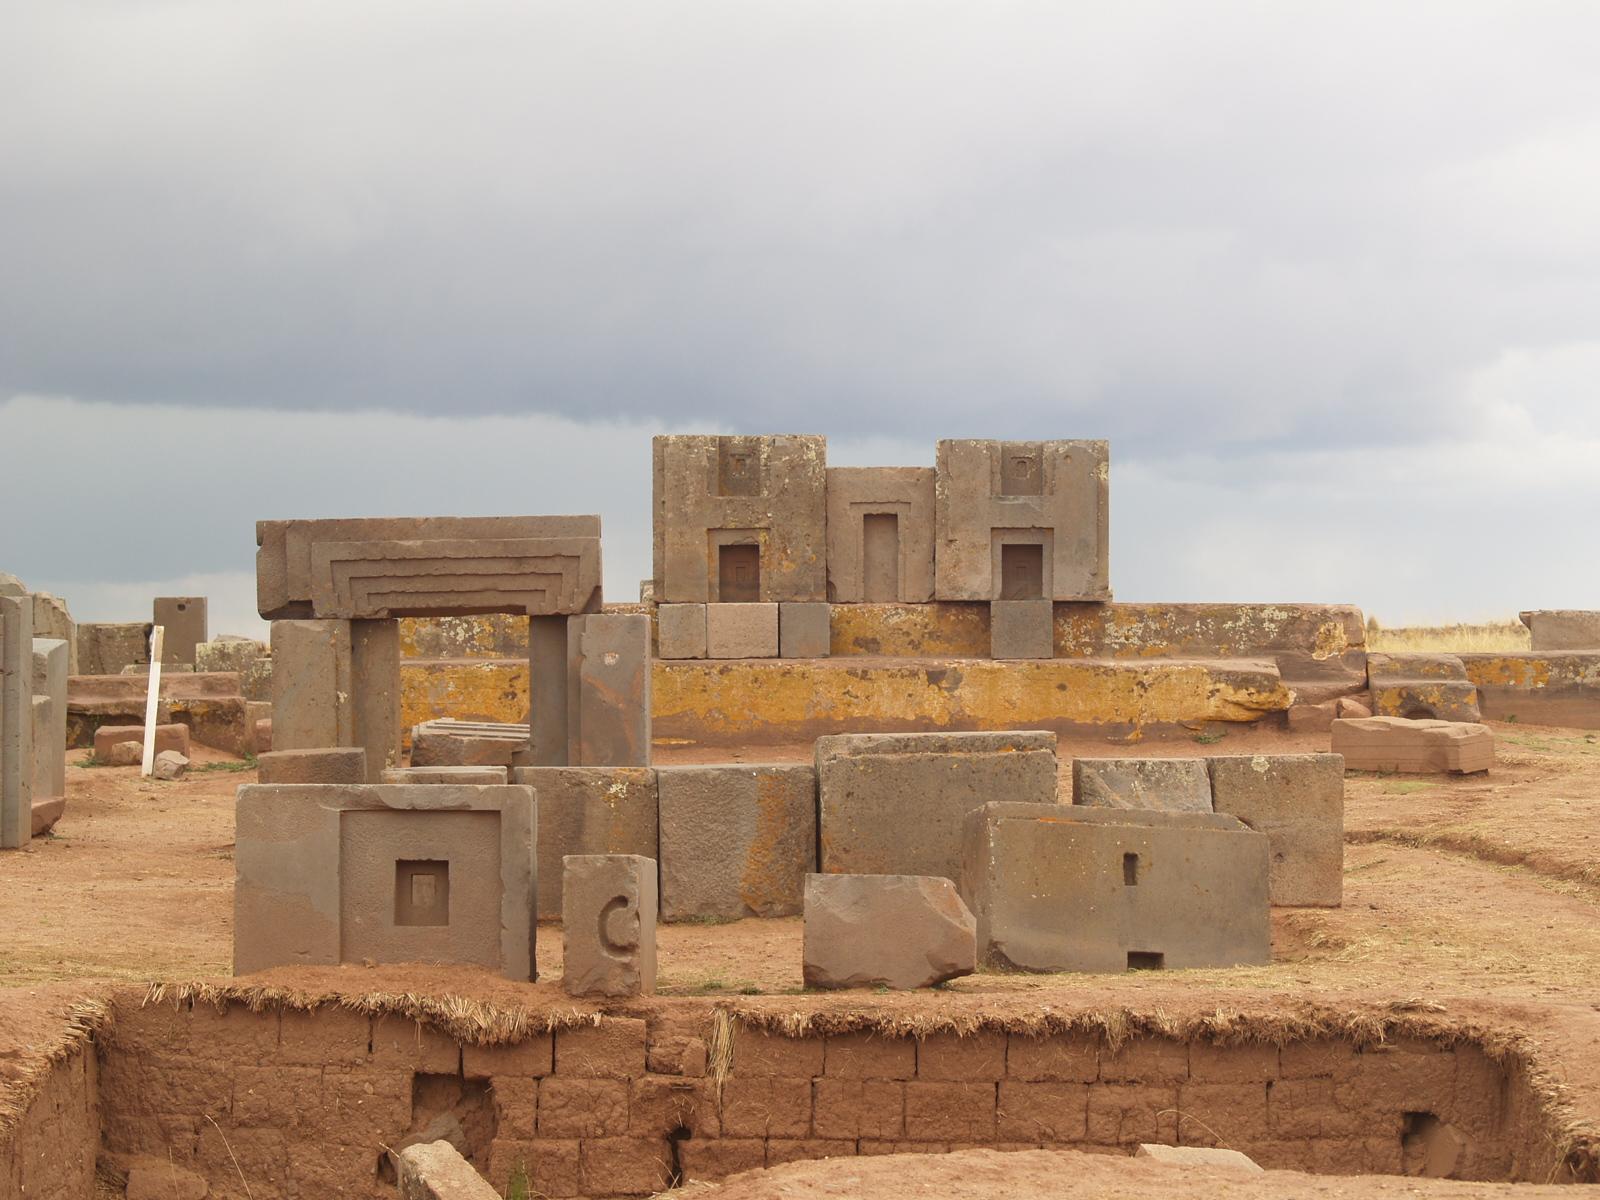 City of Tiwanaku, Bolivia, Pumapunku